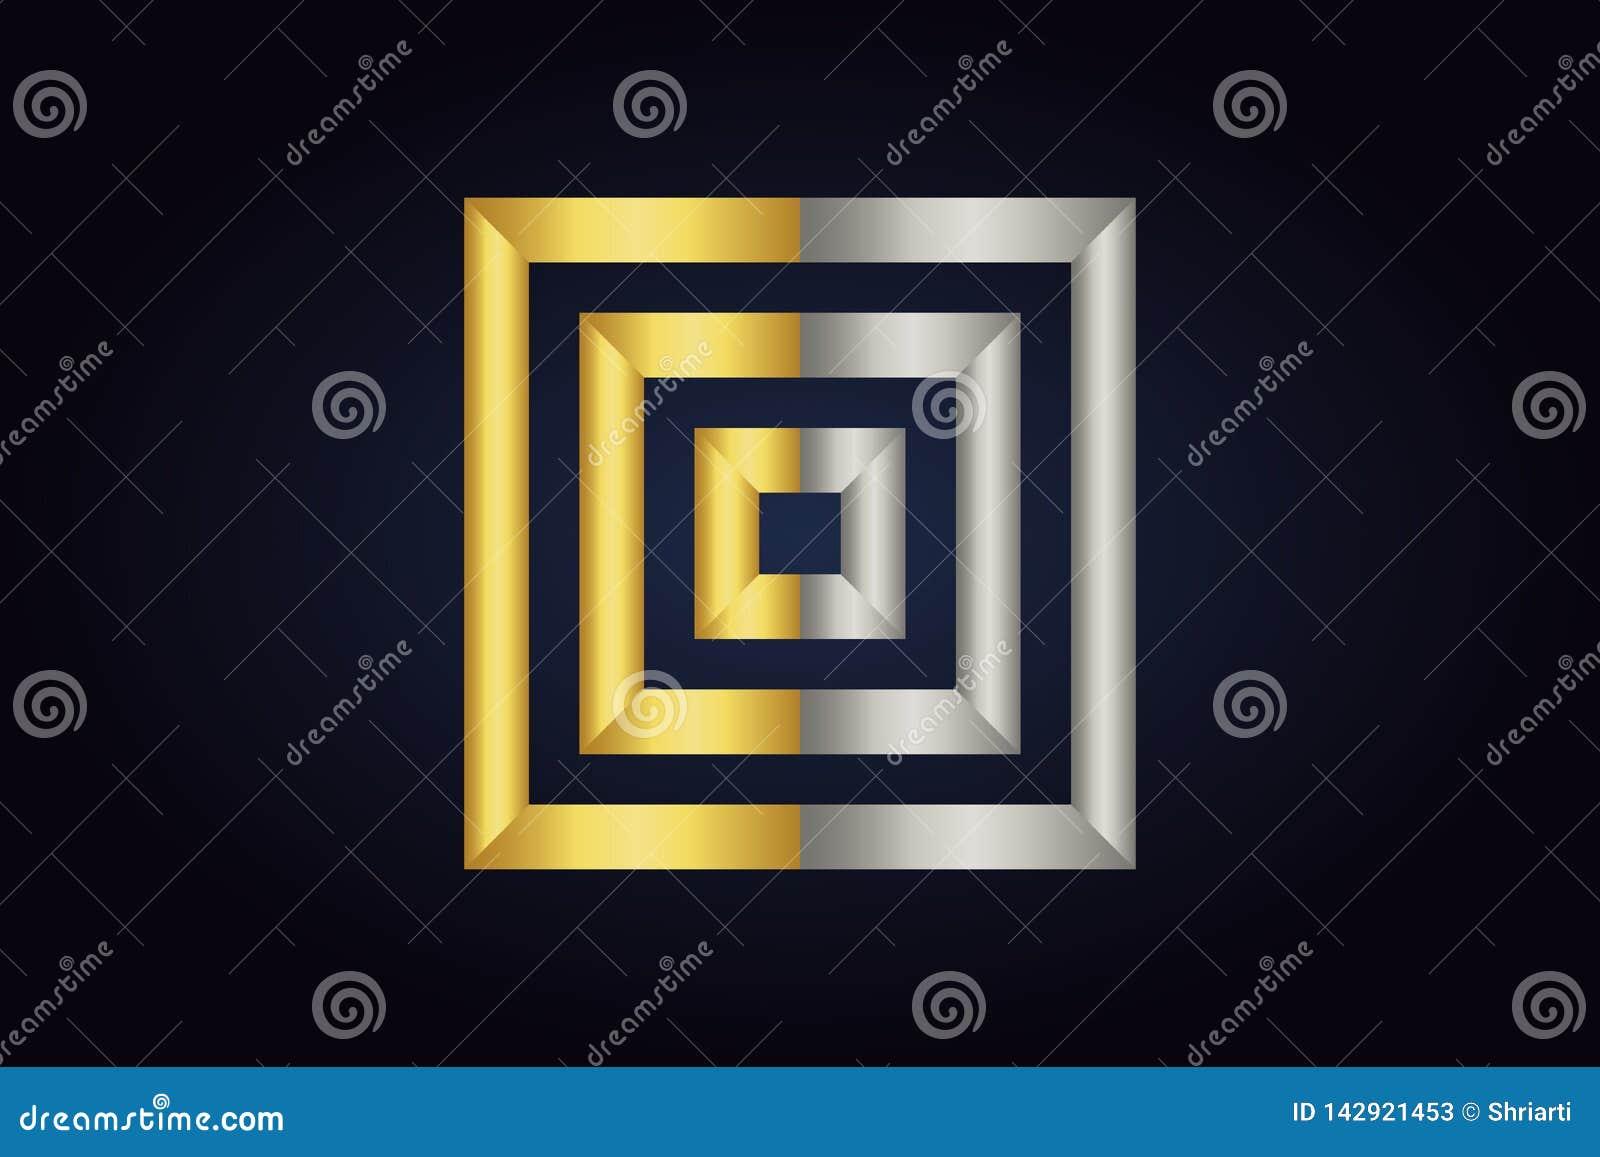 Τρία τετράγωνα το ένα μέσα στο άλλο Τετράγωνα στα ασημένια και χρυσά χρώματα